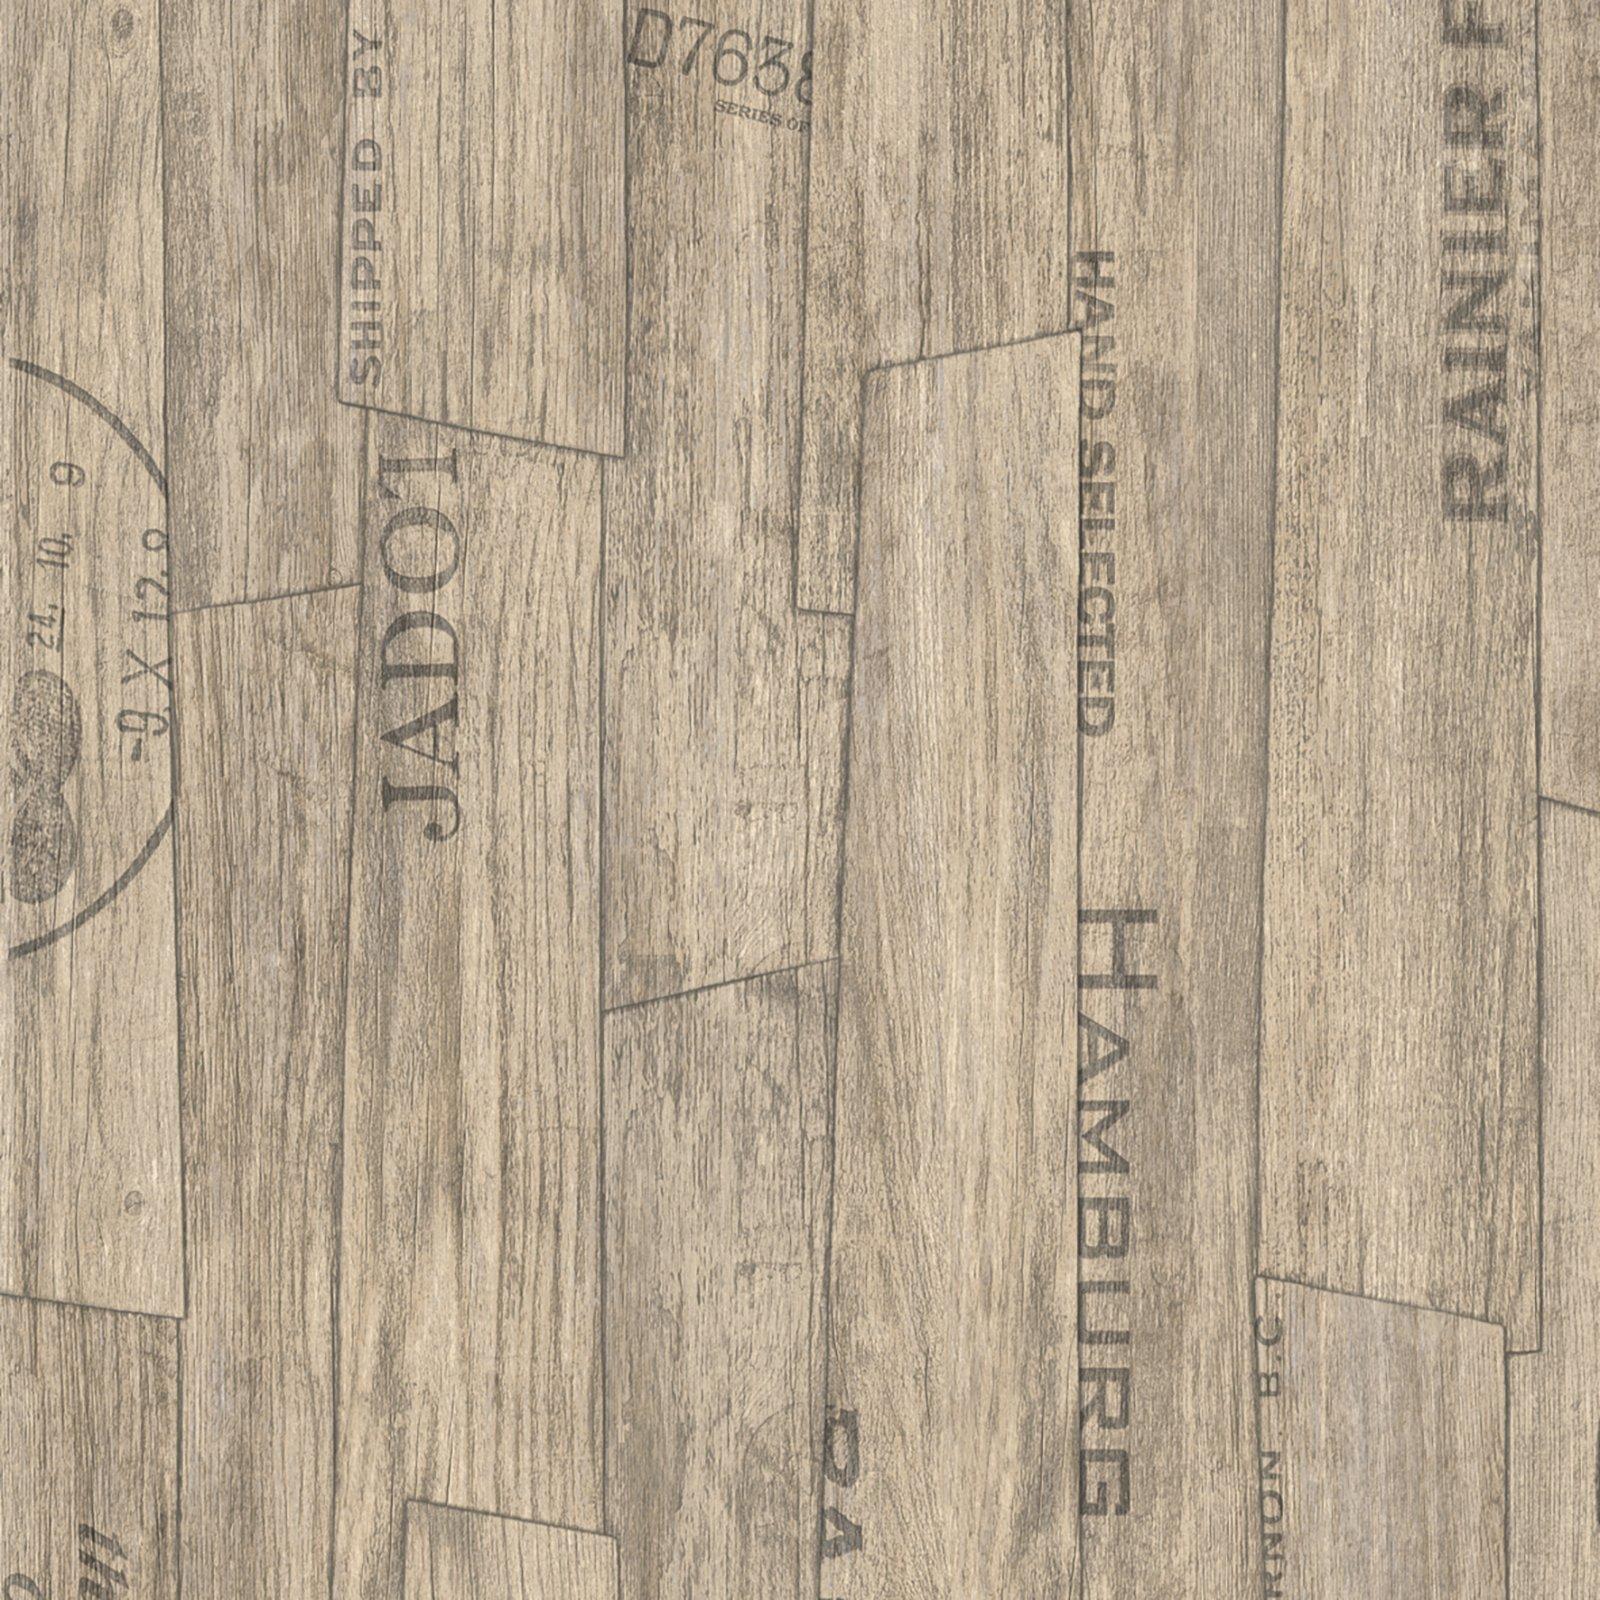 pvc-bodenbelag noah - planke beschriftet - 2 meter | pvc boden